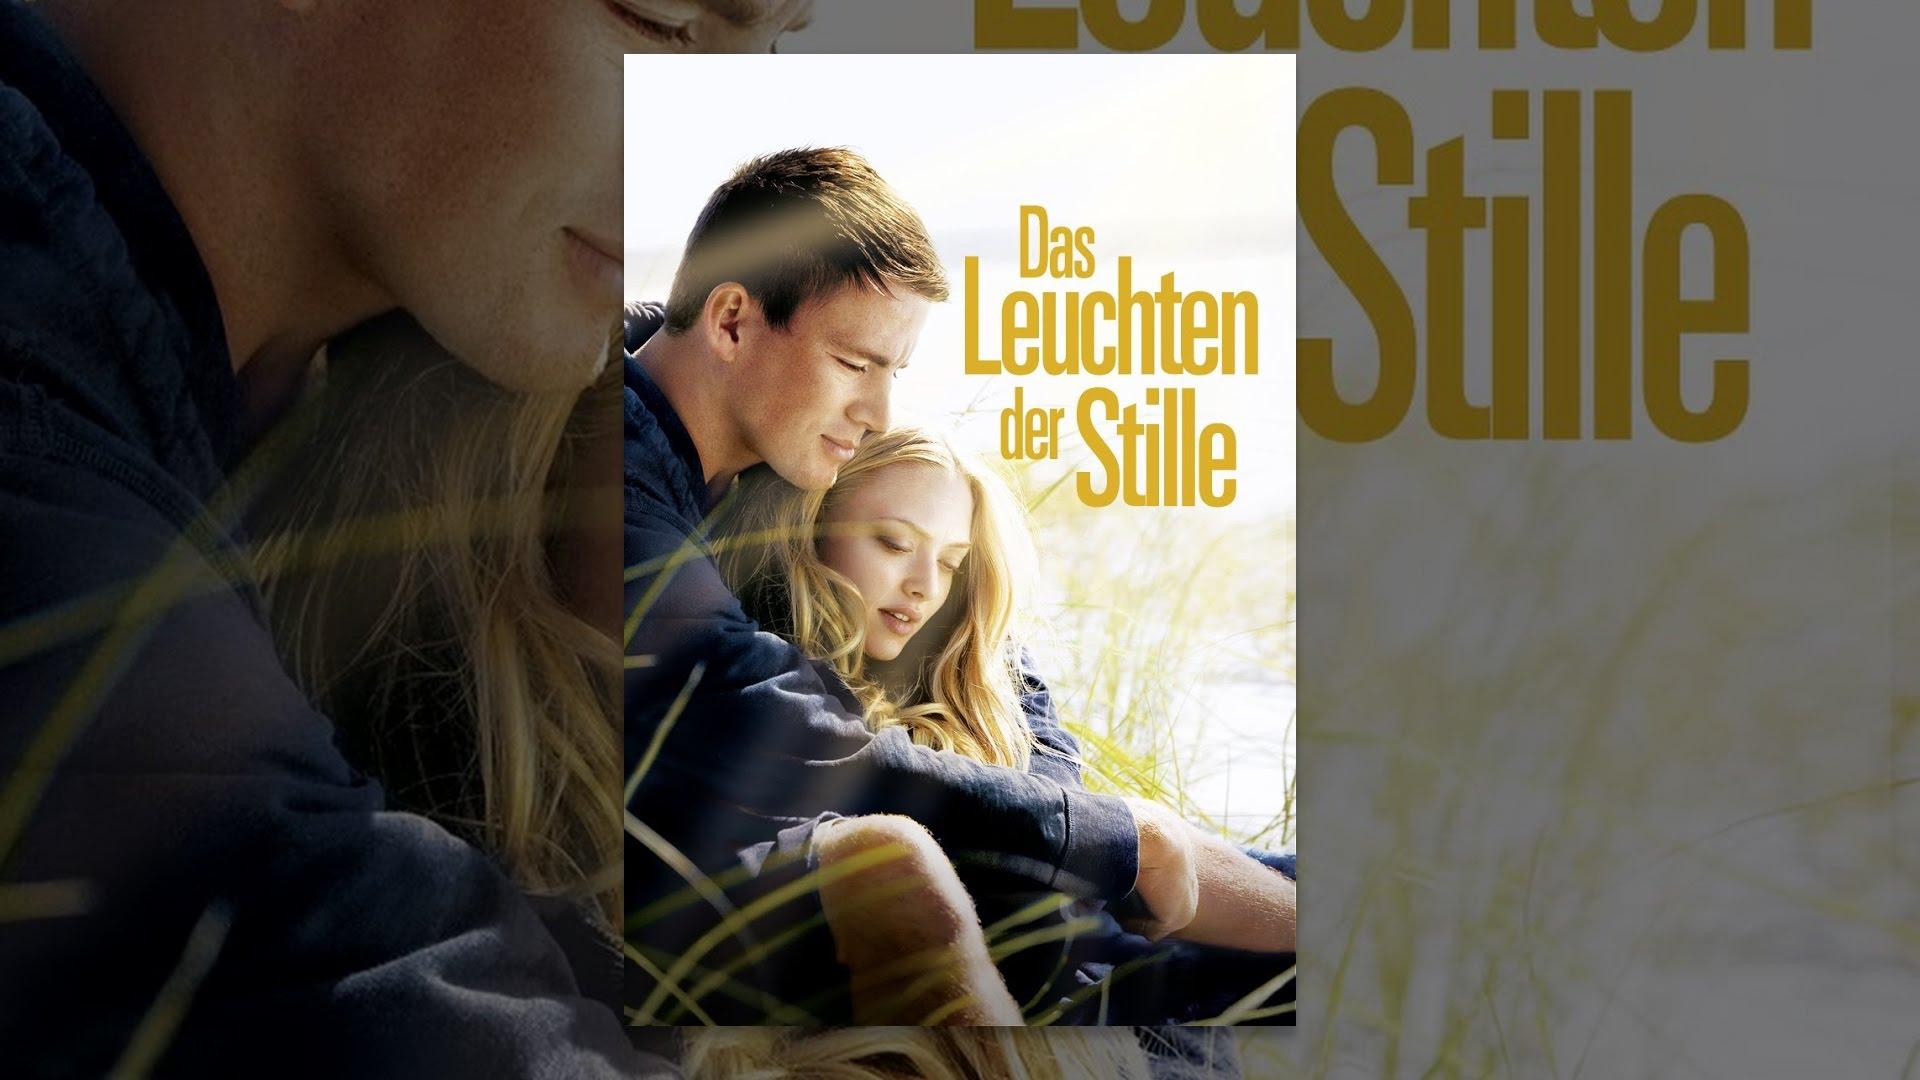 Verliebt in die lehrerin film